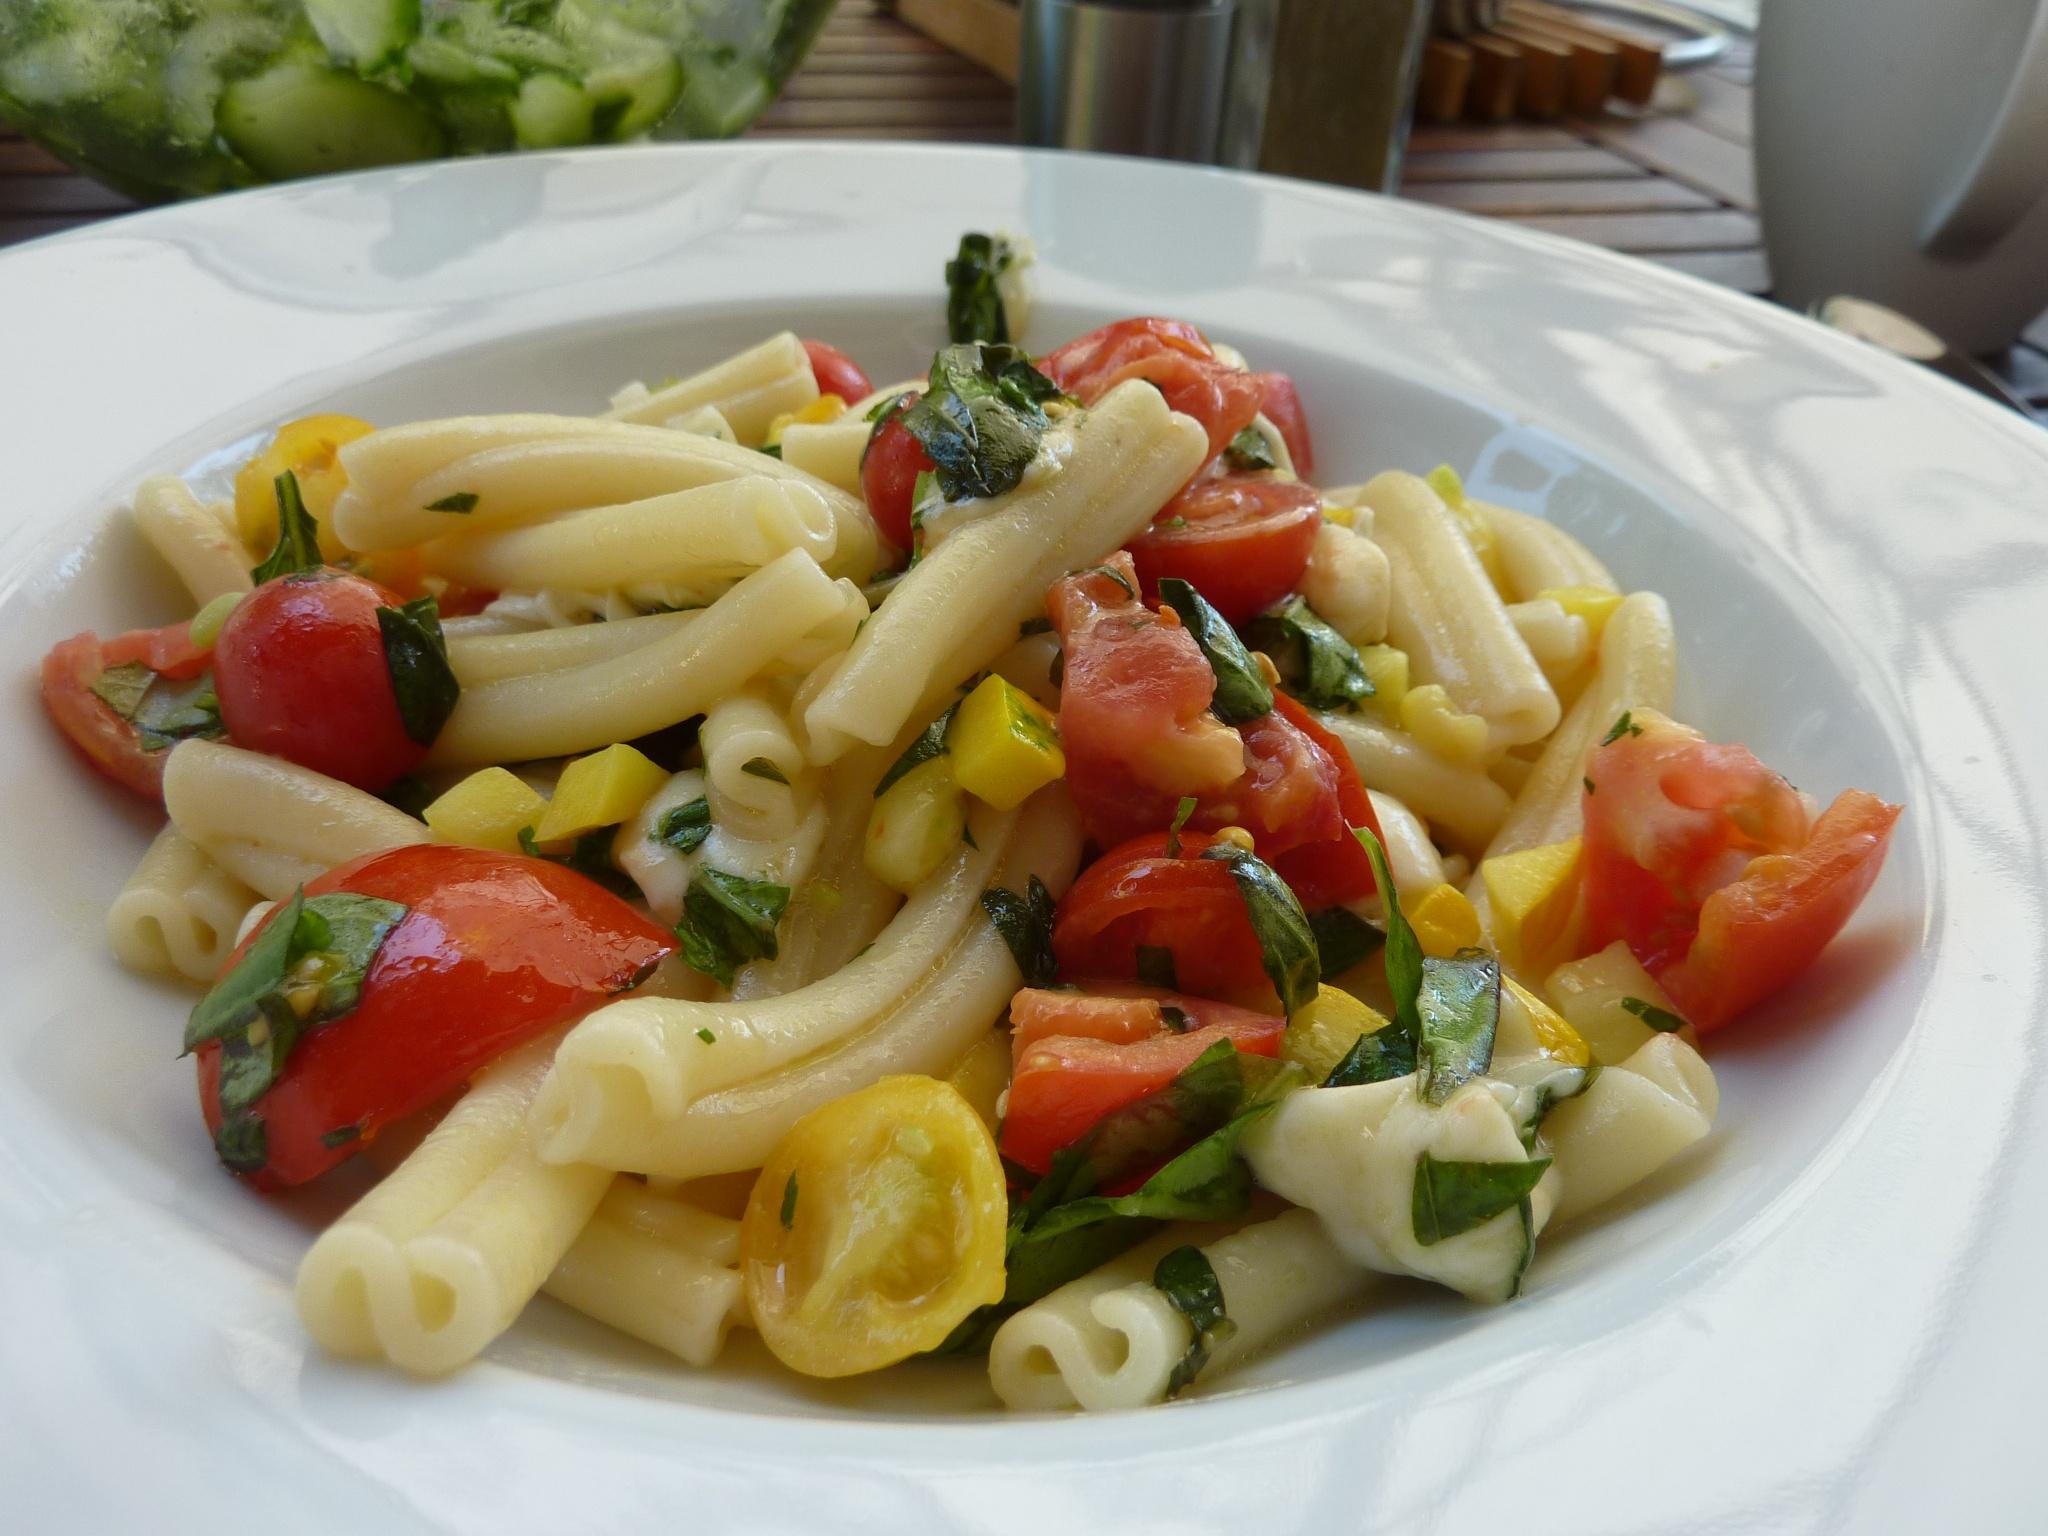 Nudeln mit Mozzarella, Zucchini & Tomate